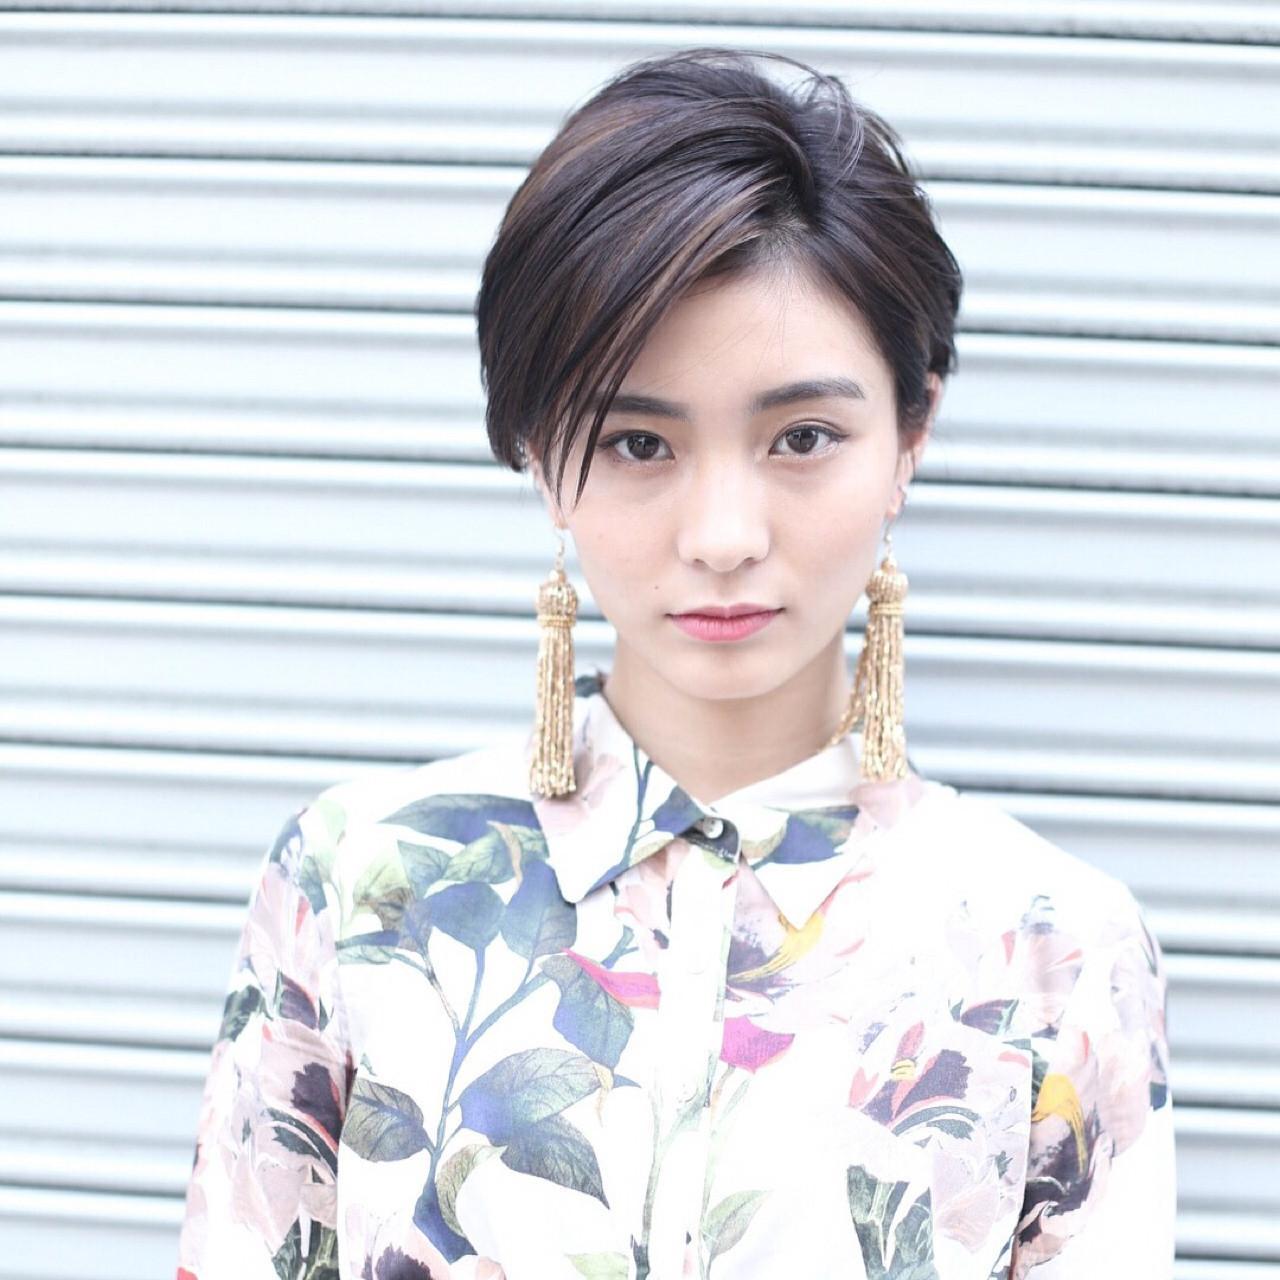 髪へのダメージが少ない Rika Fuchigami